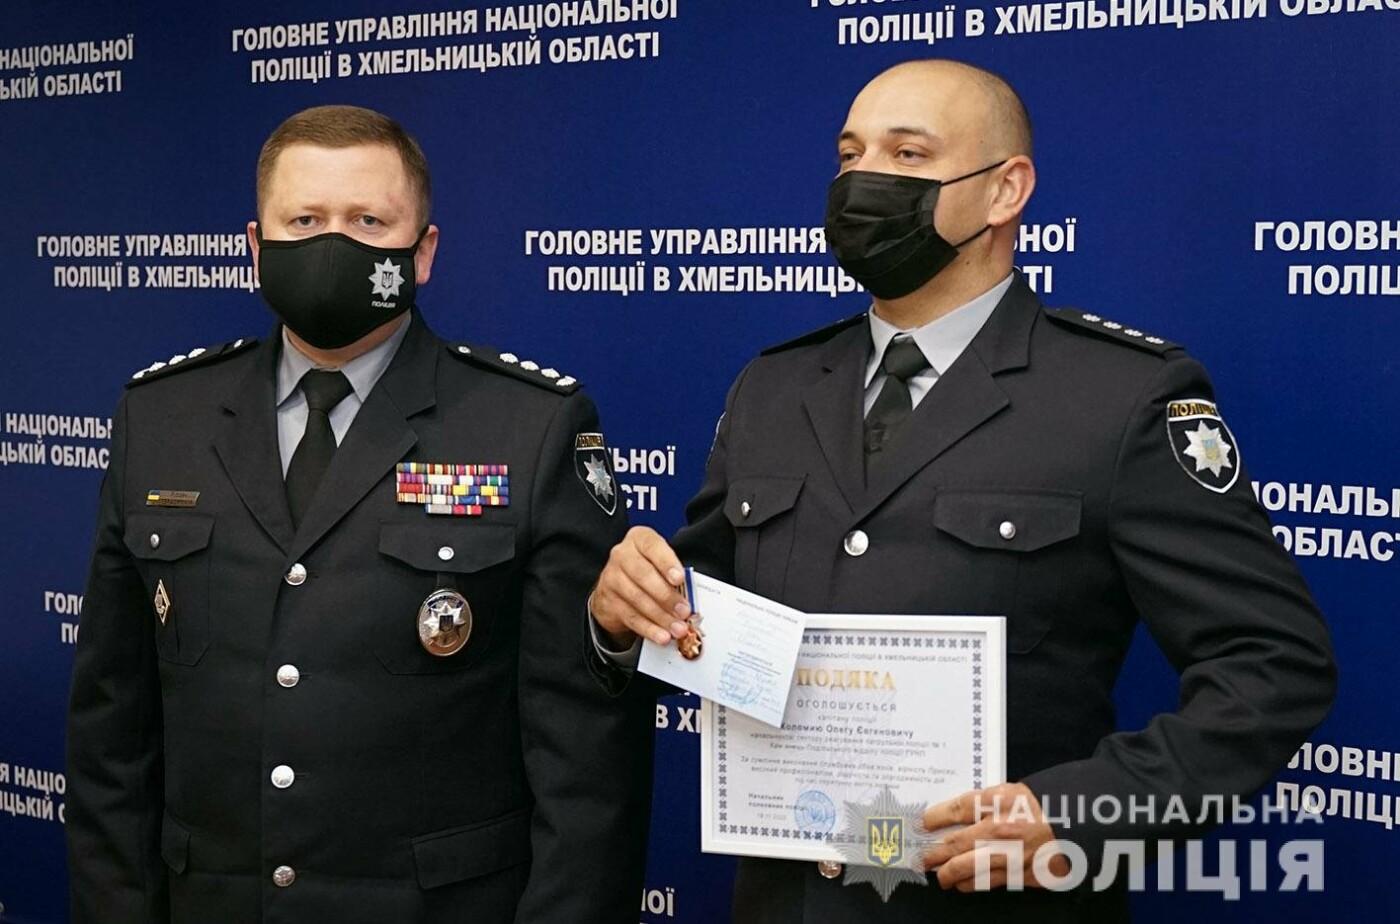 Врятував чоловіка від самогубства - керівник поліції Хмельниччини нагородив його відзнакою, фото-2